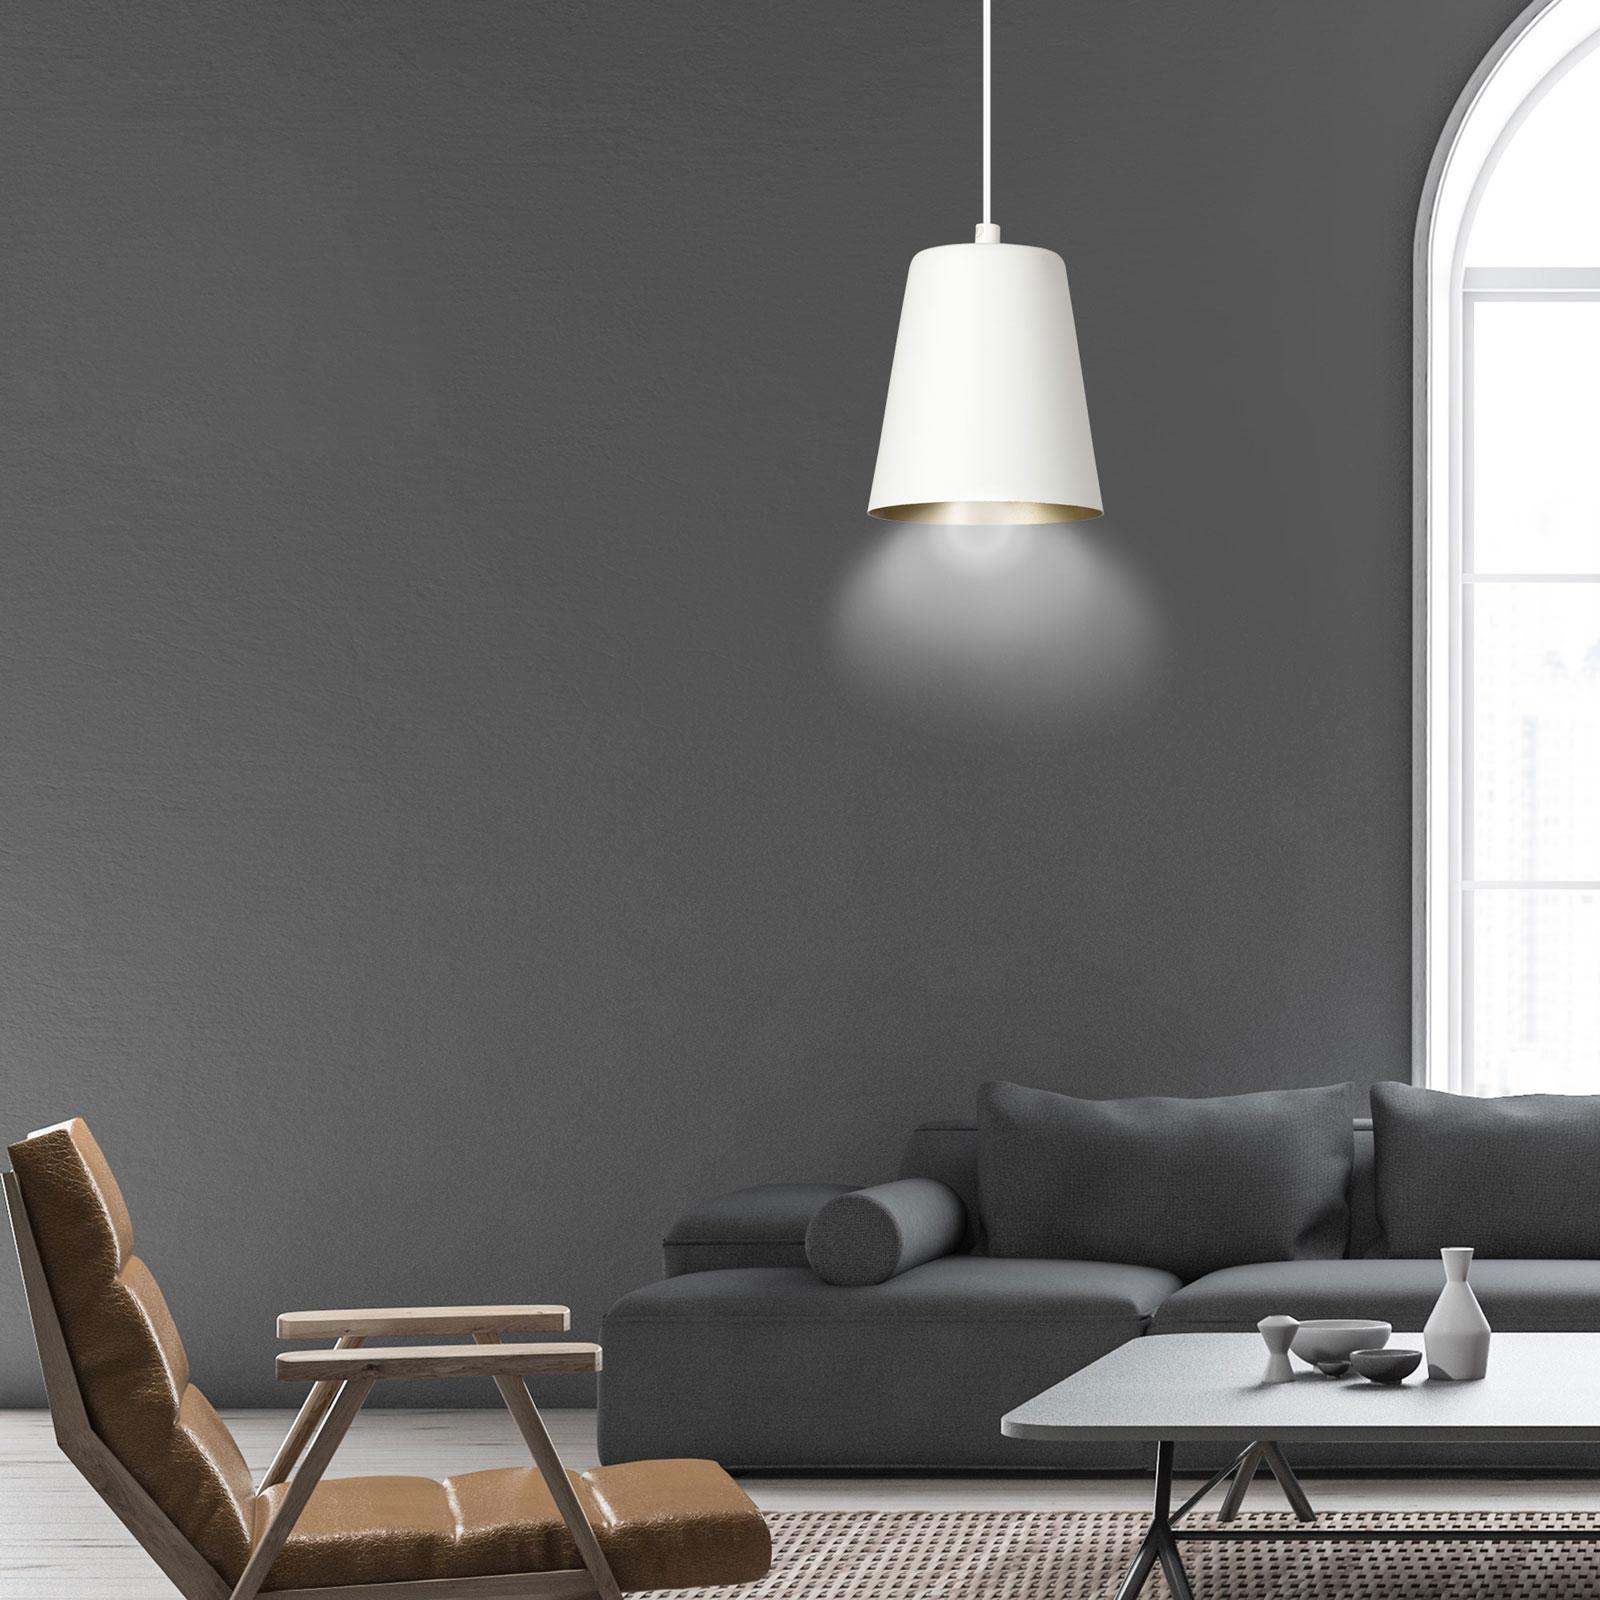 Hanglamp Milagro, 1-lamp, wit/goud